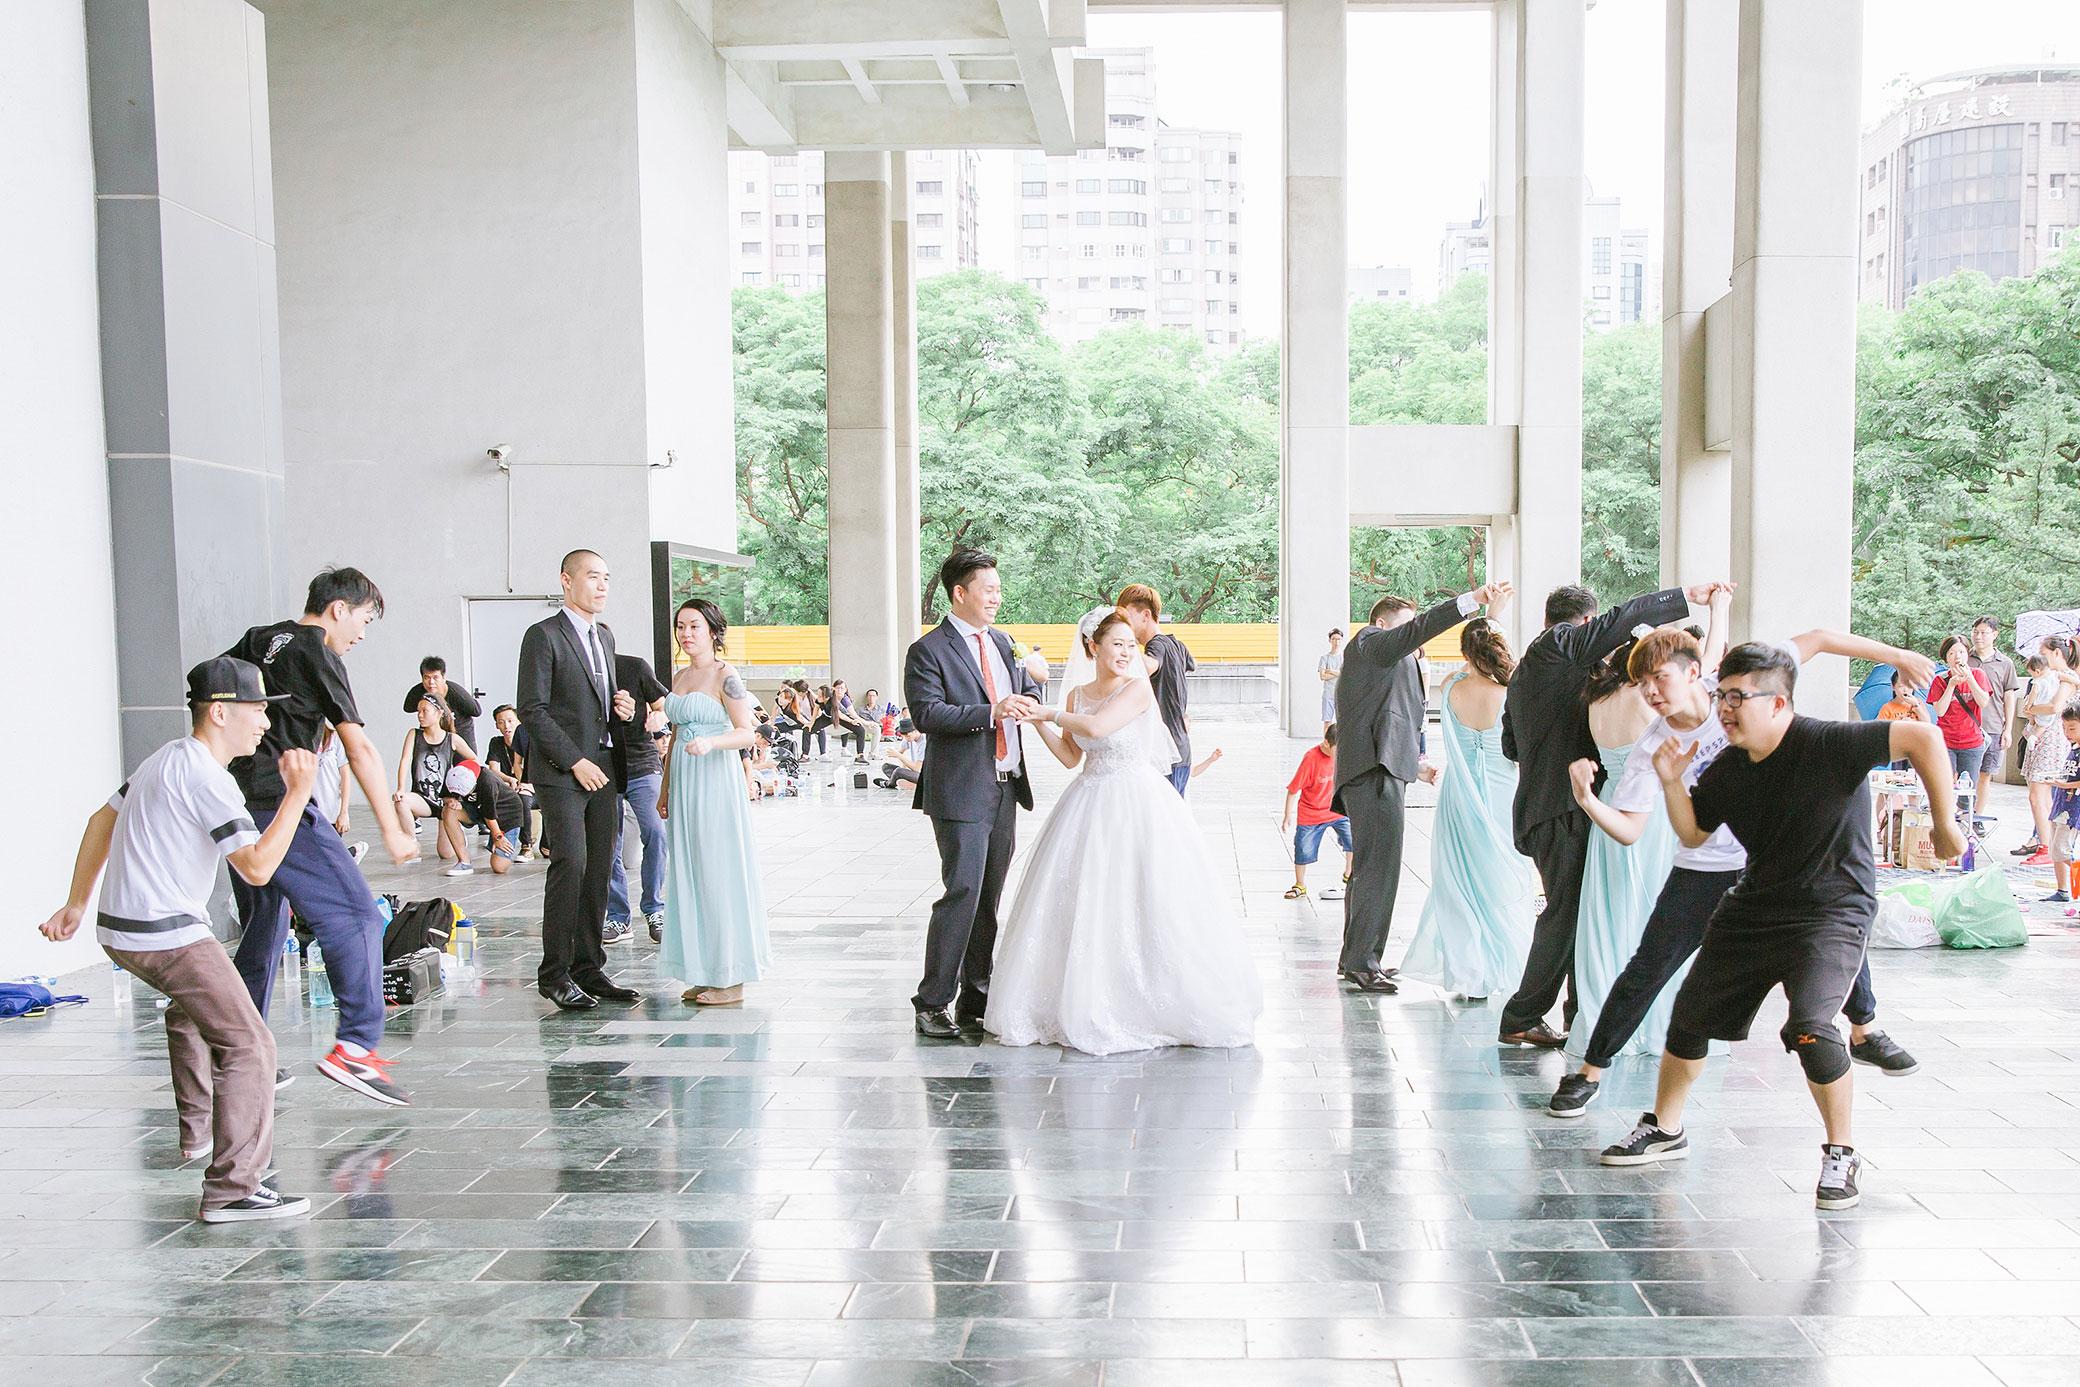 nickchang-realwedding-fineart-22